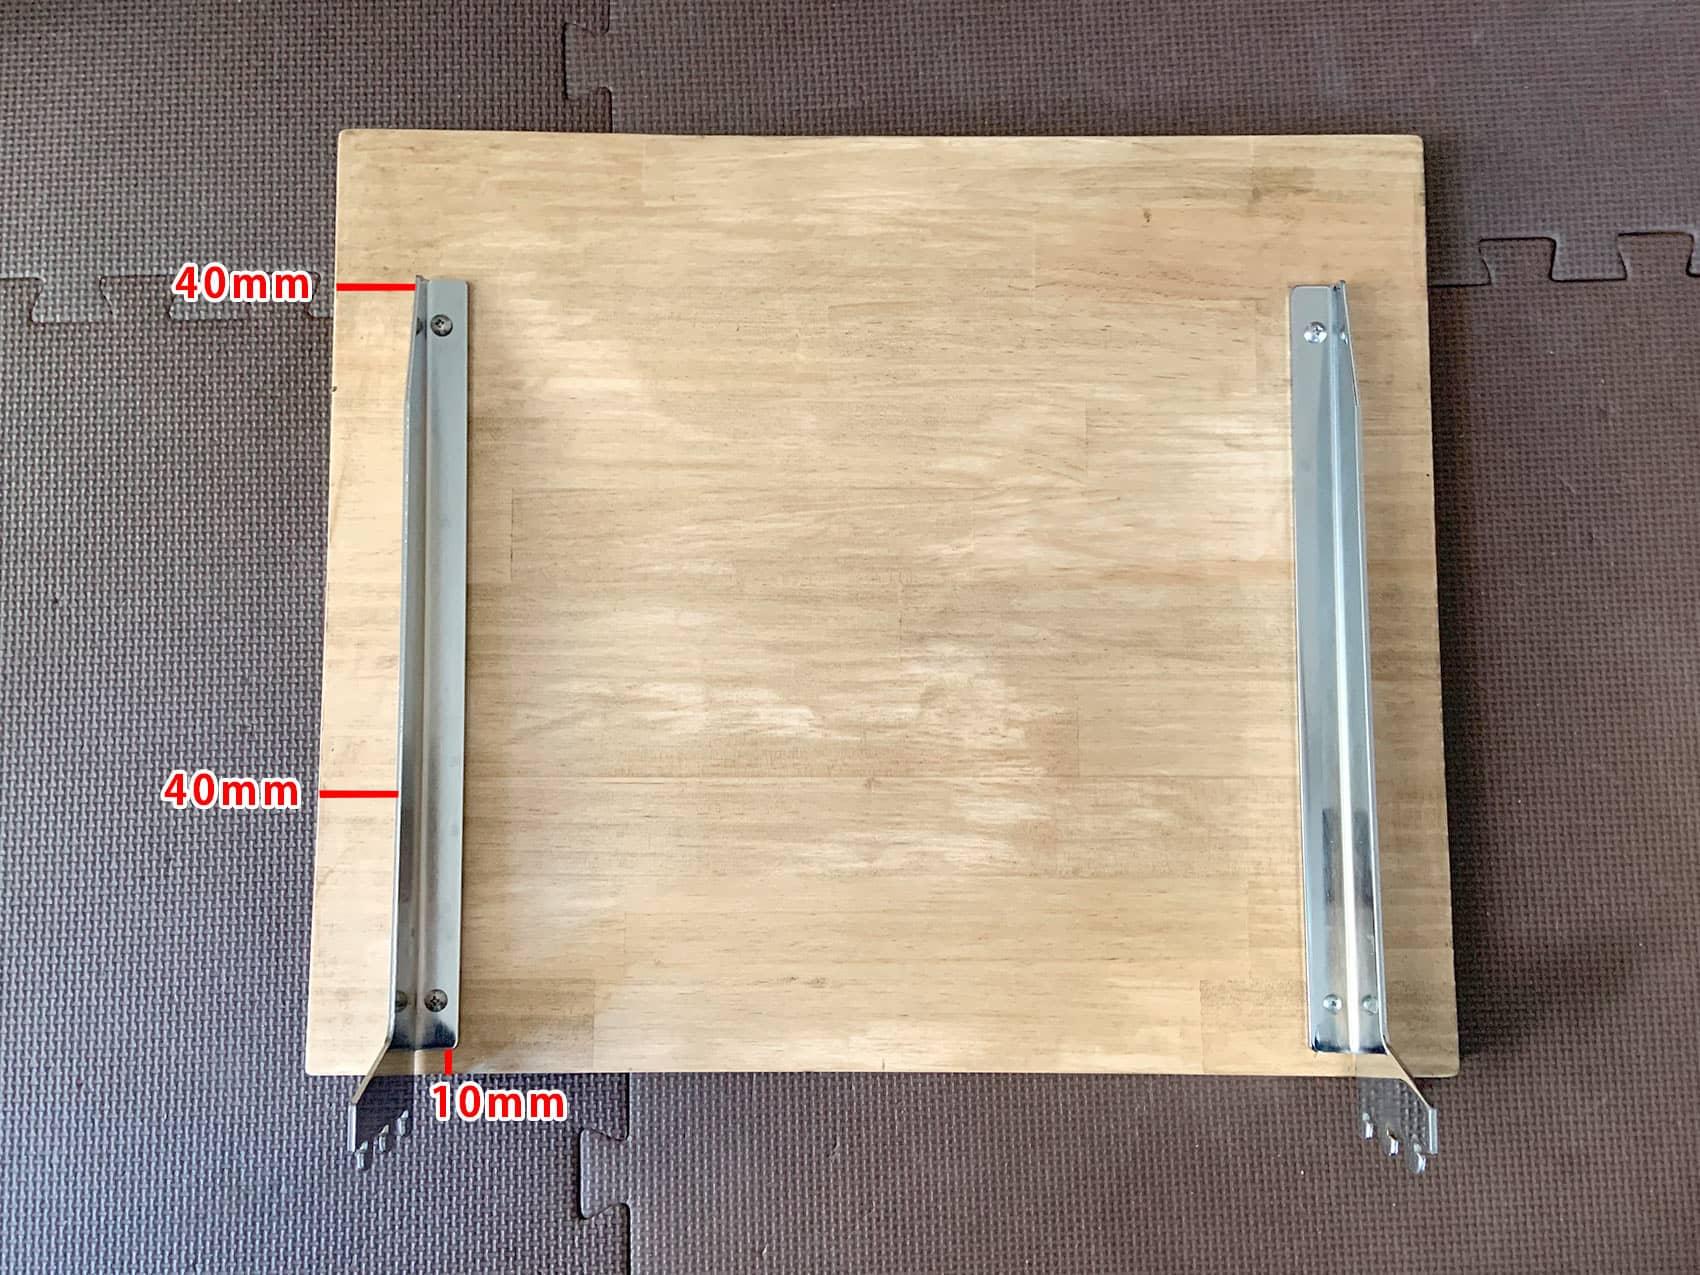 棚板に棚受けを取り付ける寸法